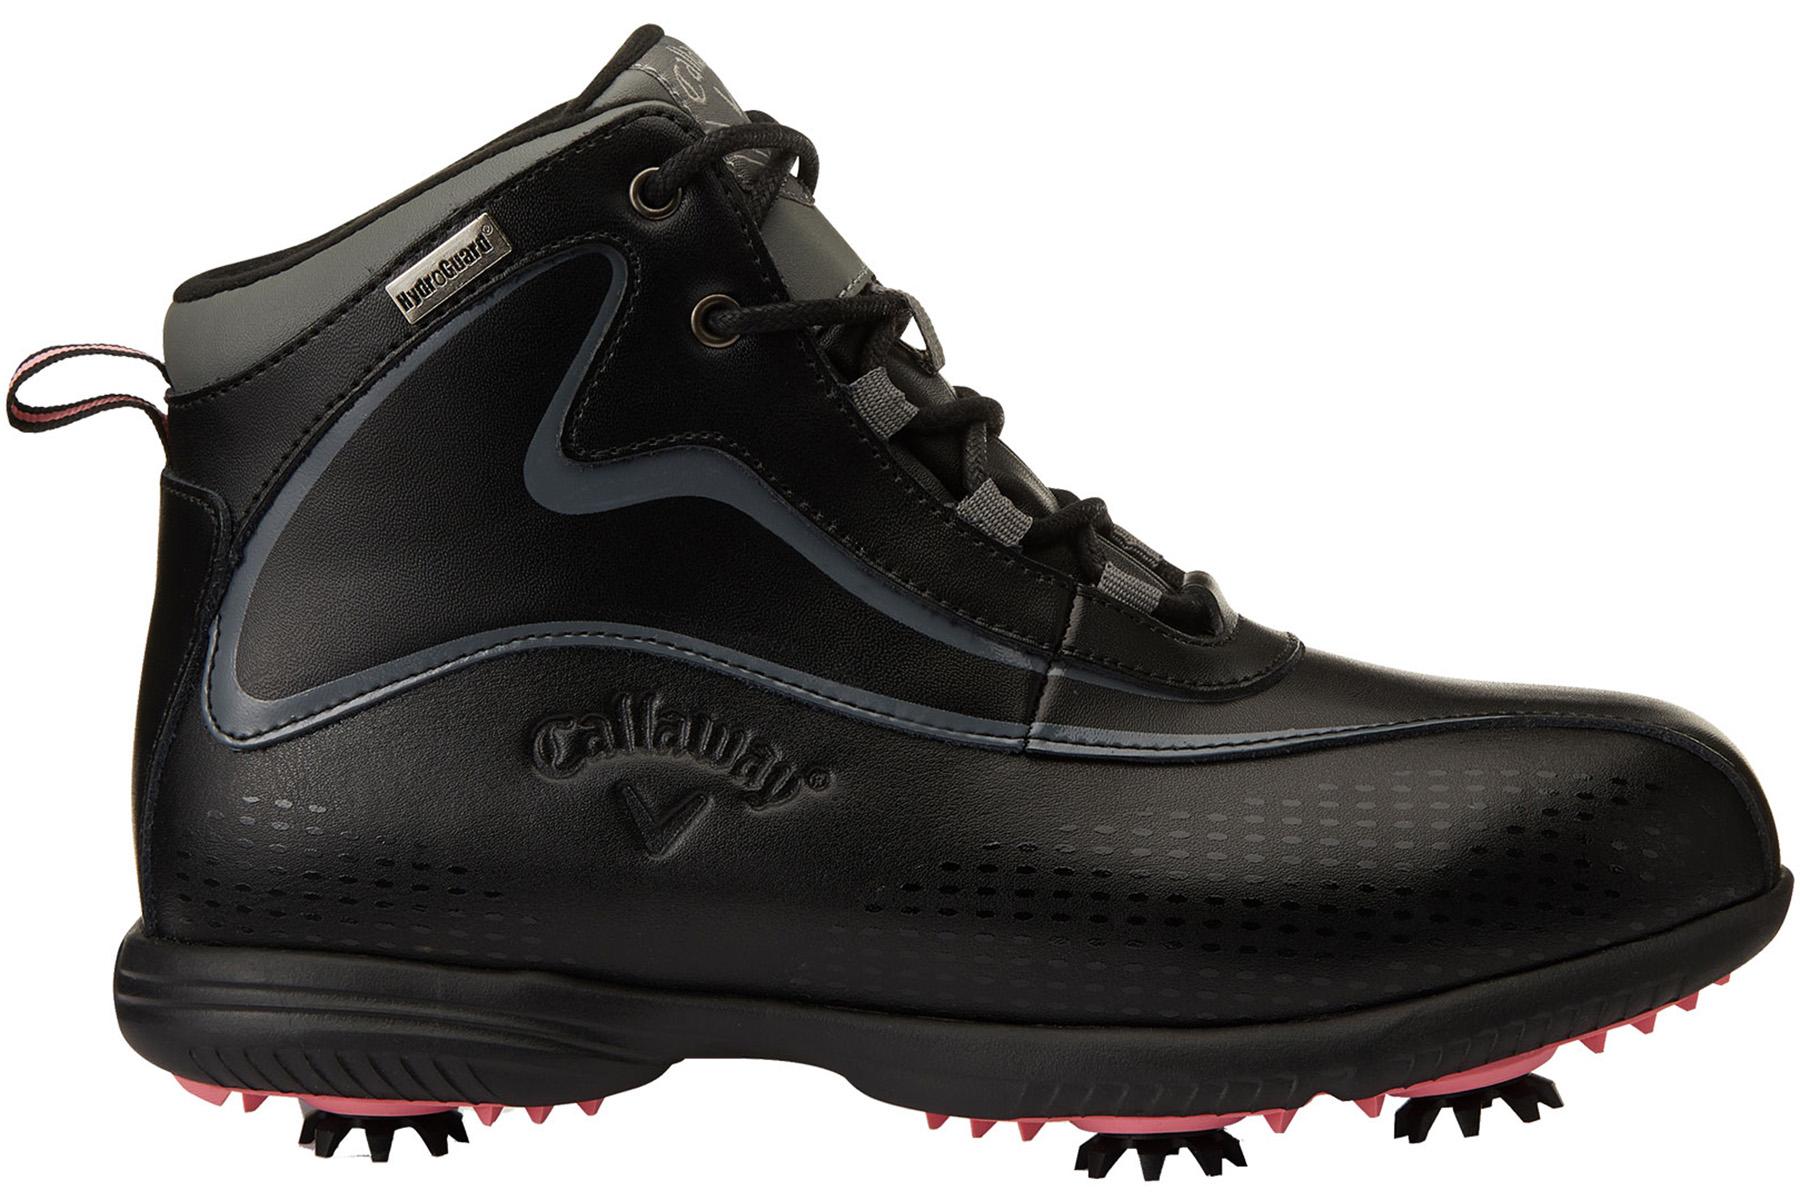 Srixon Golf Shoes